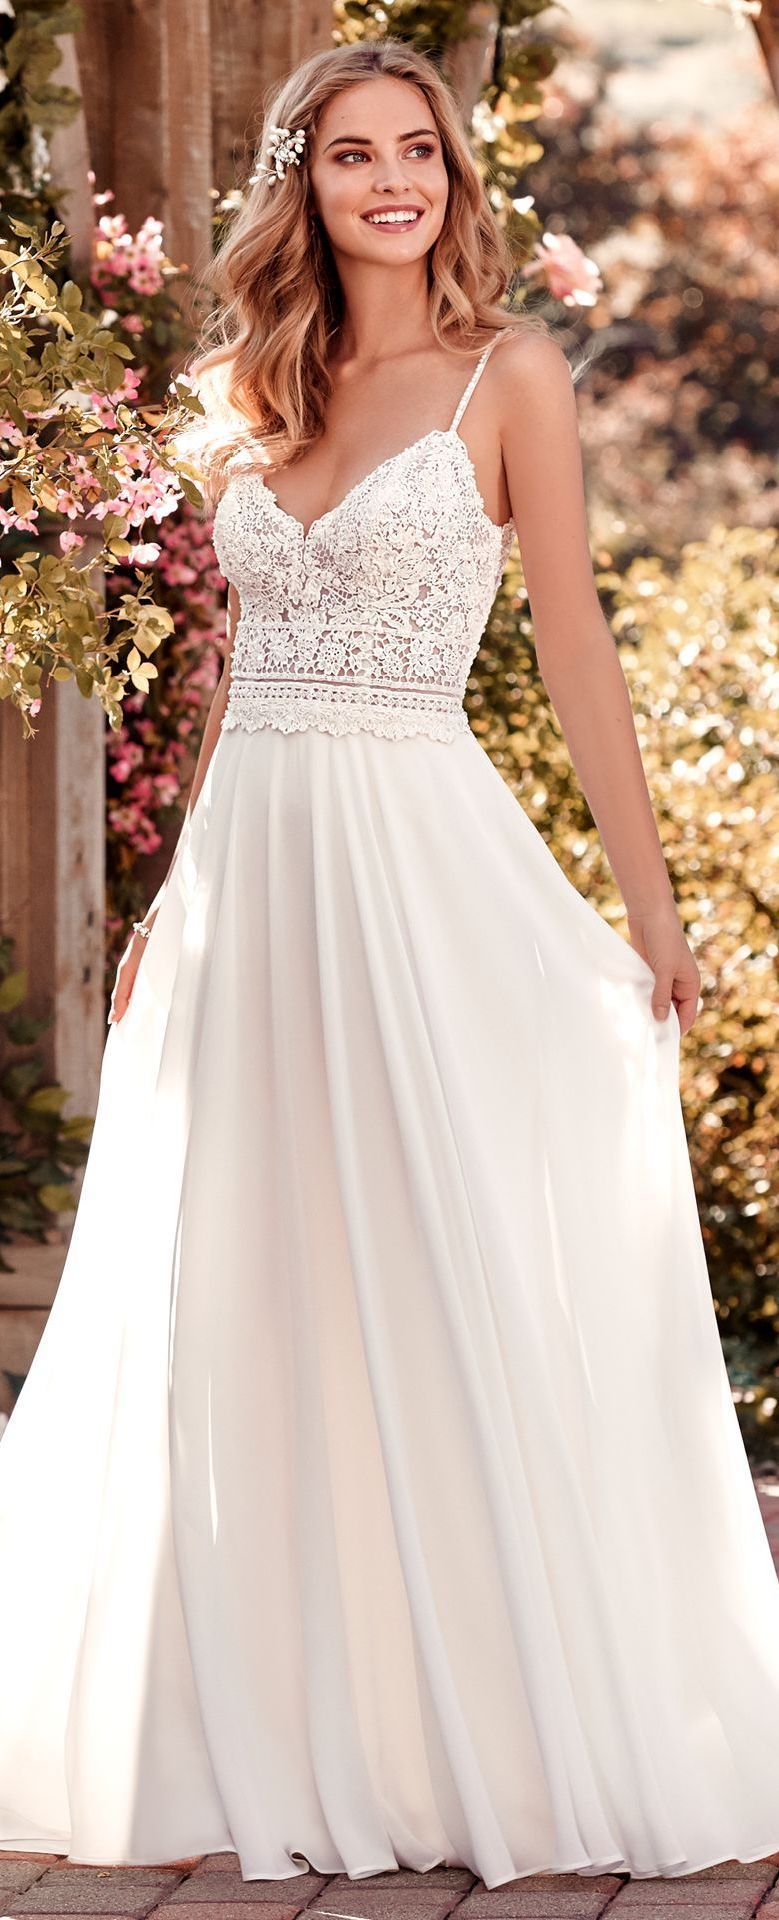 One strap wedding dress  Maggie Sottero Wedding Dresses  Maggie sottero Bodice and Crying